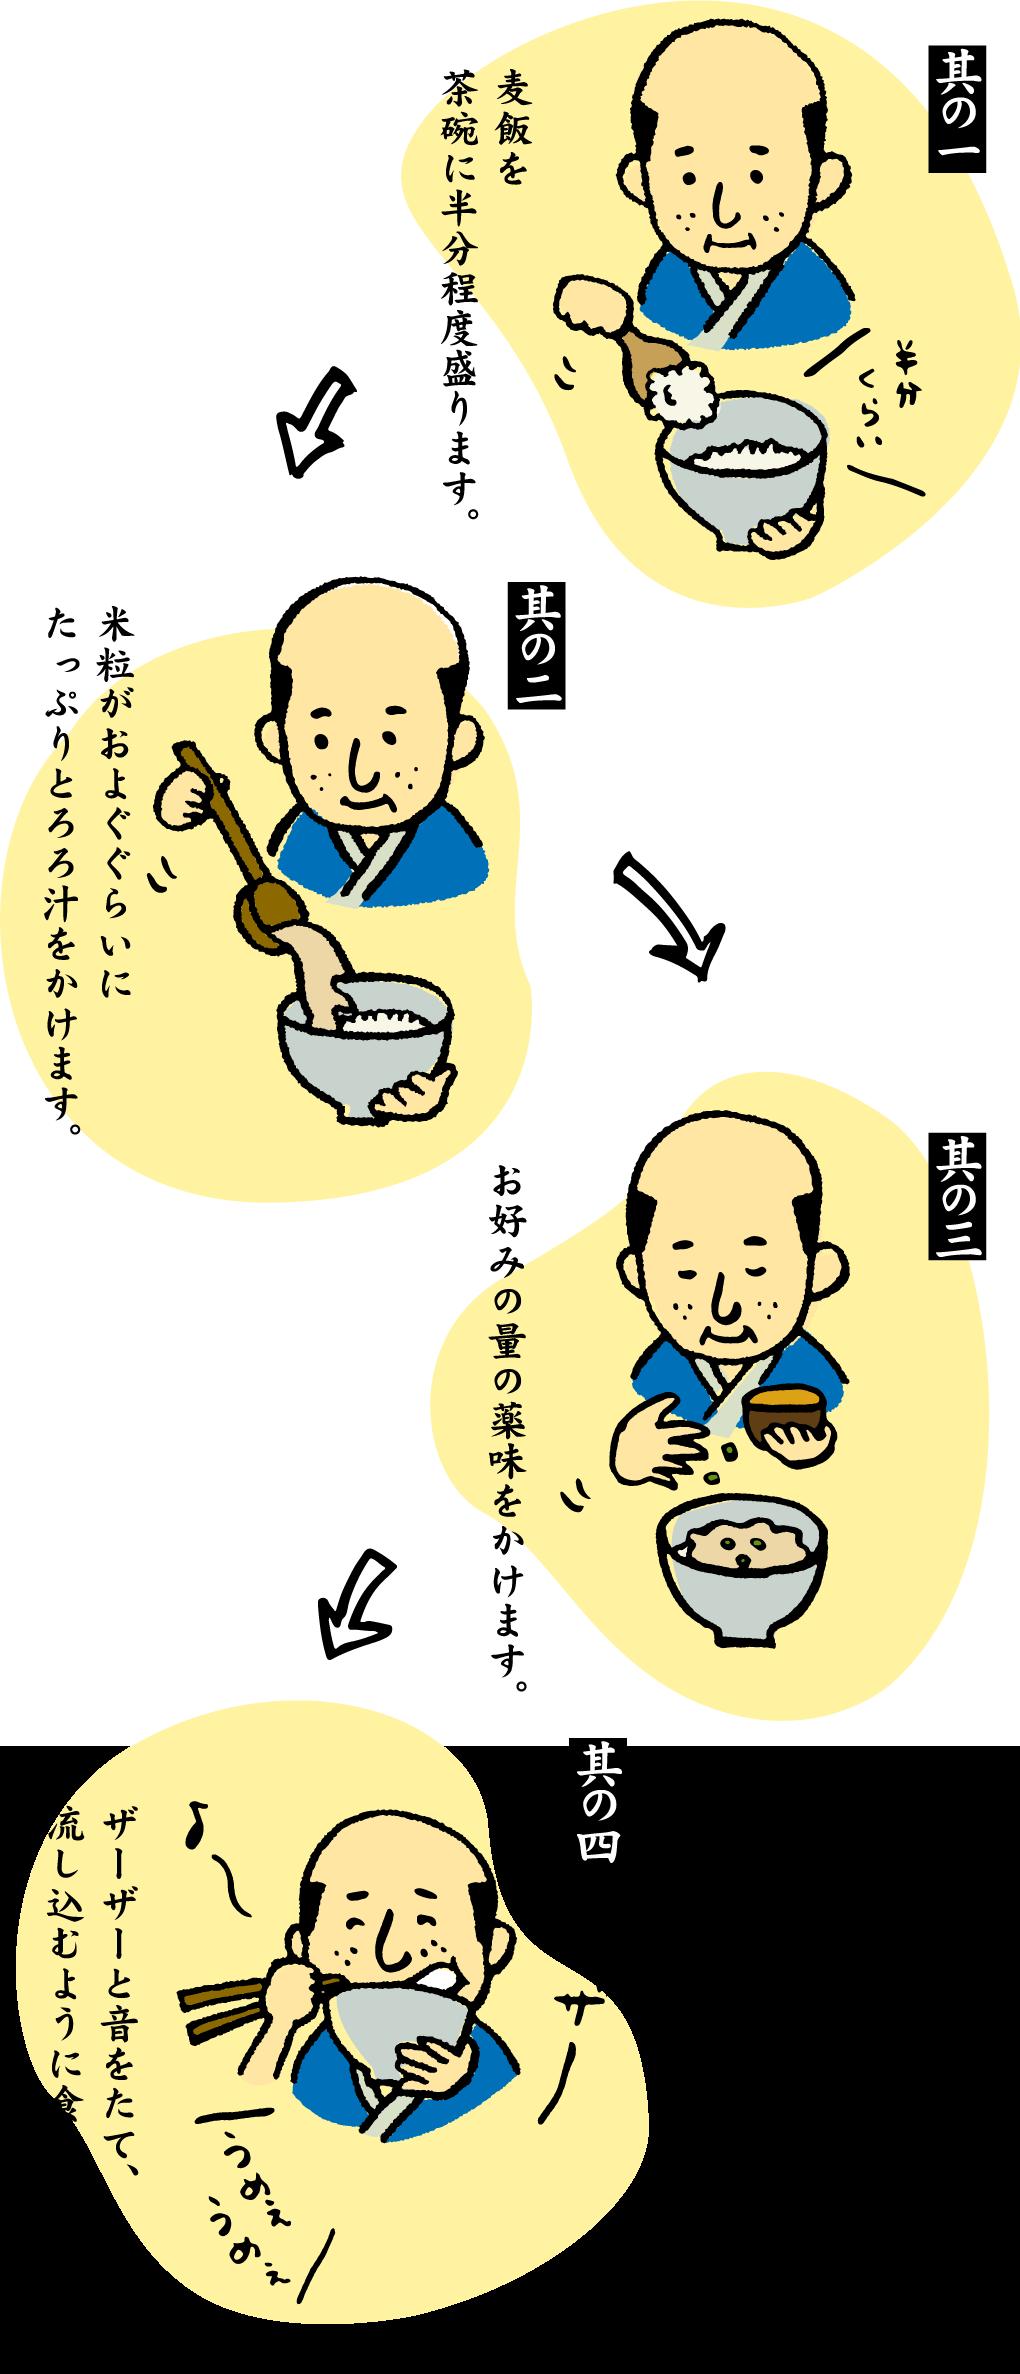 とろろのおいしい食べ方図